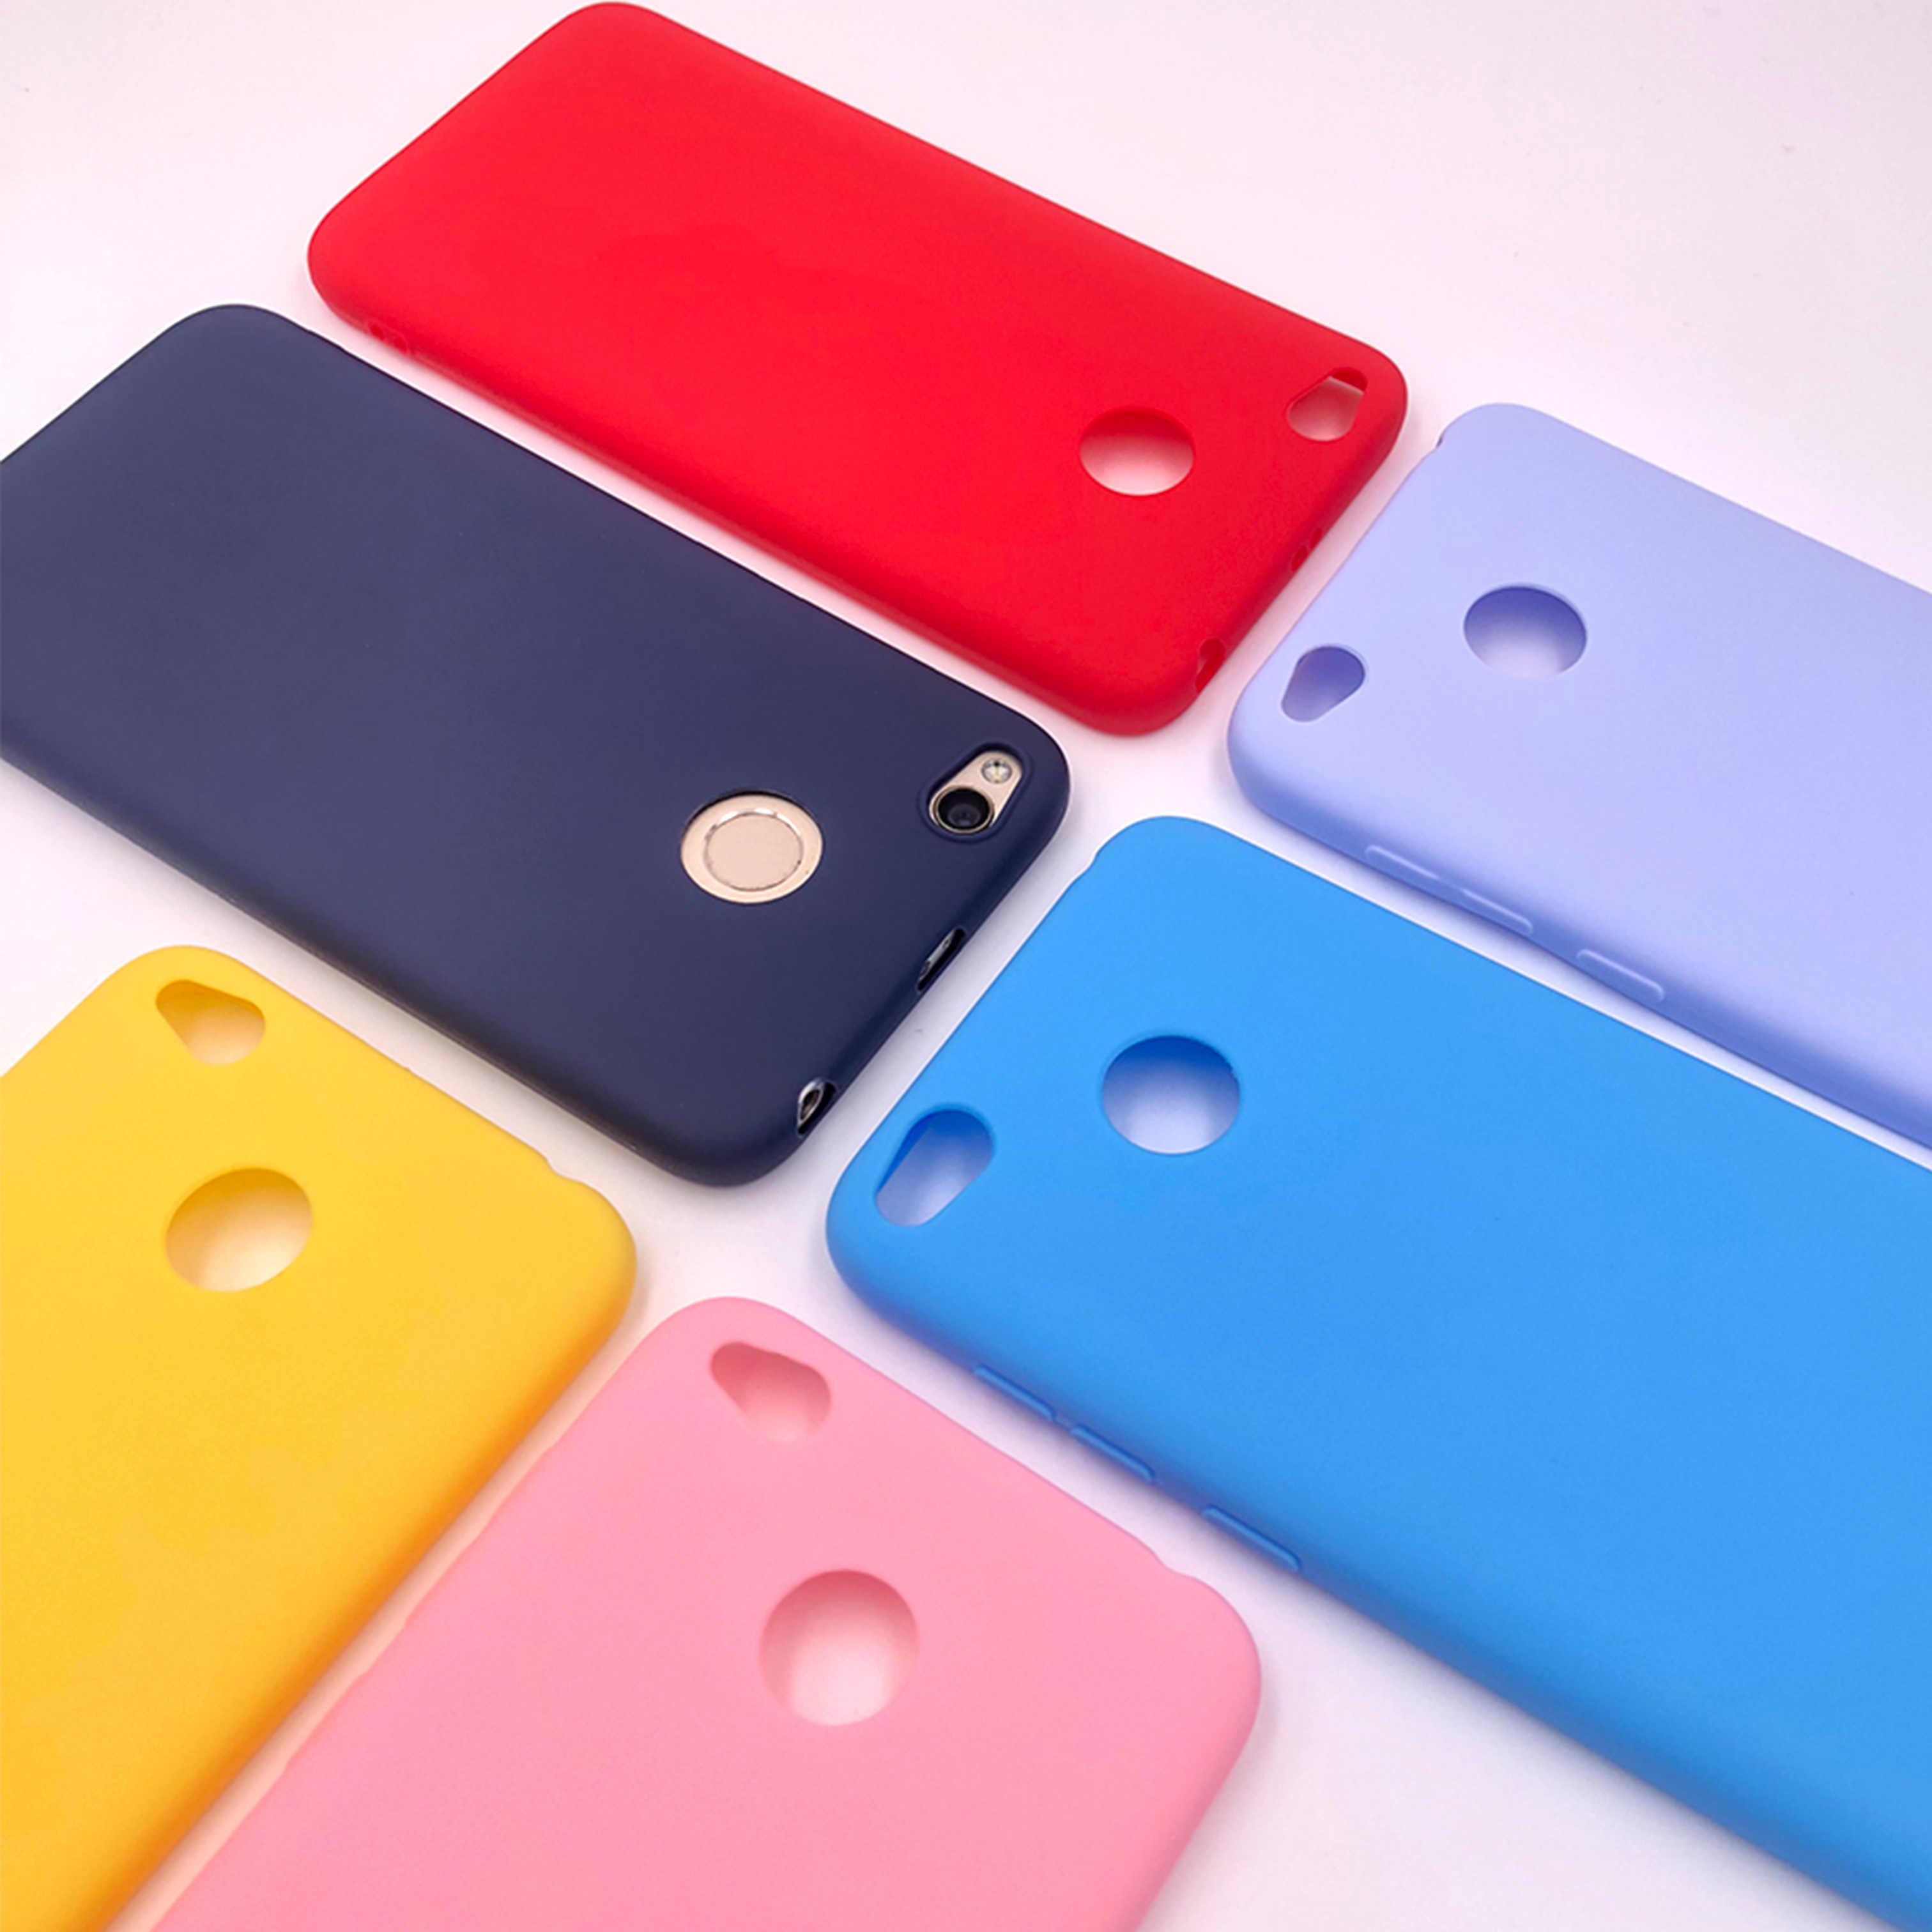 Xiaomi Redmi 4X シリコンかわいい Redmi 4X プロキャディマットケース Xiaomi Redmi4X 電話シェル新